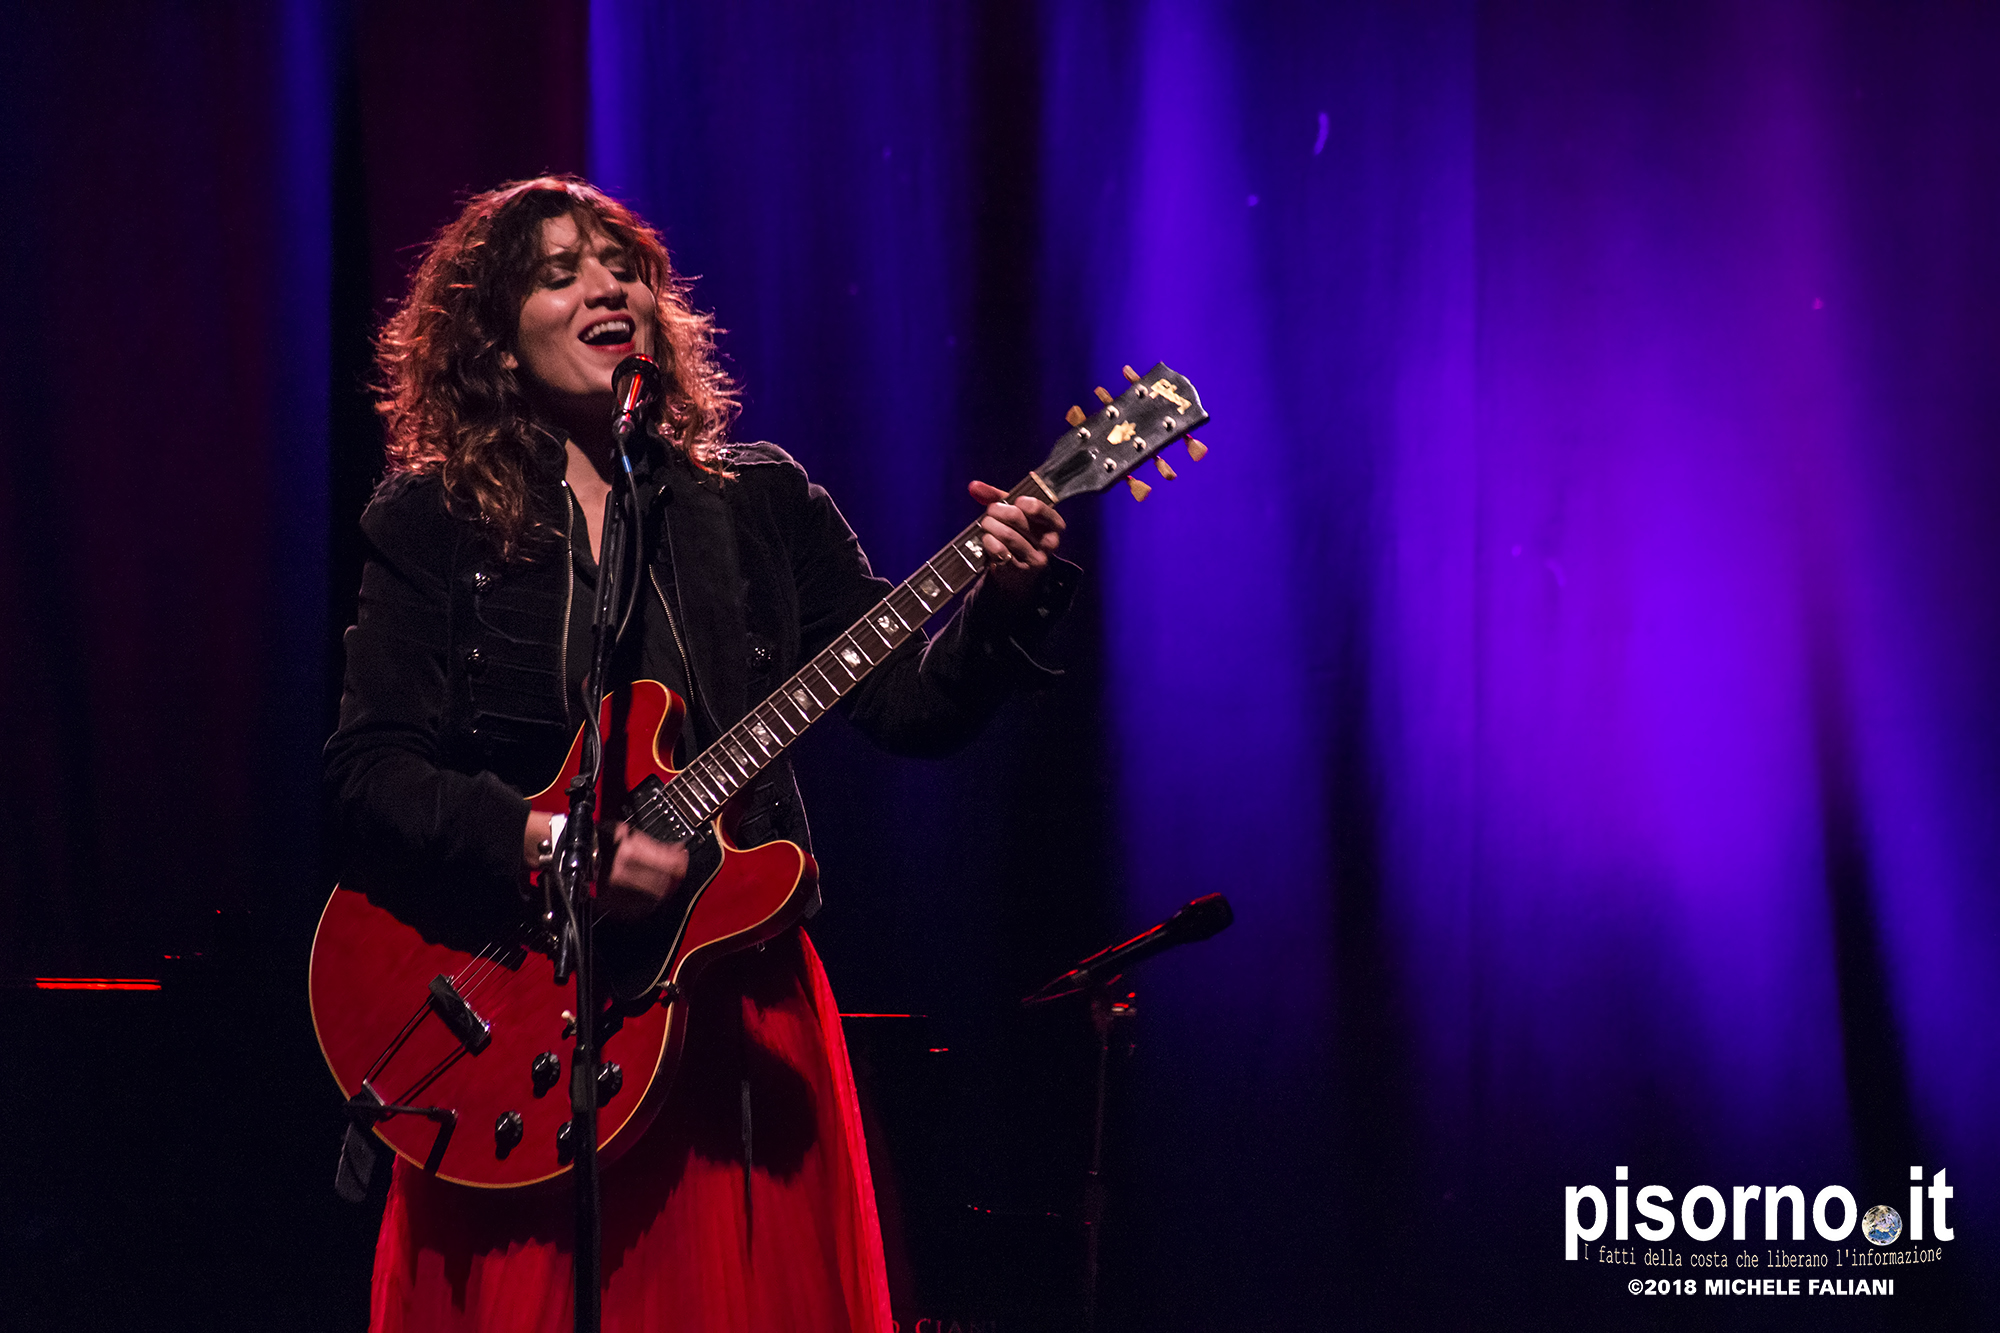 Chiara Civello live @ Teatro Puccini (Firenze, Italy), February 27th 2018